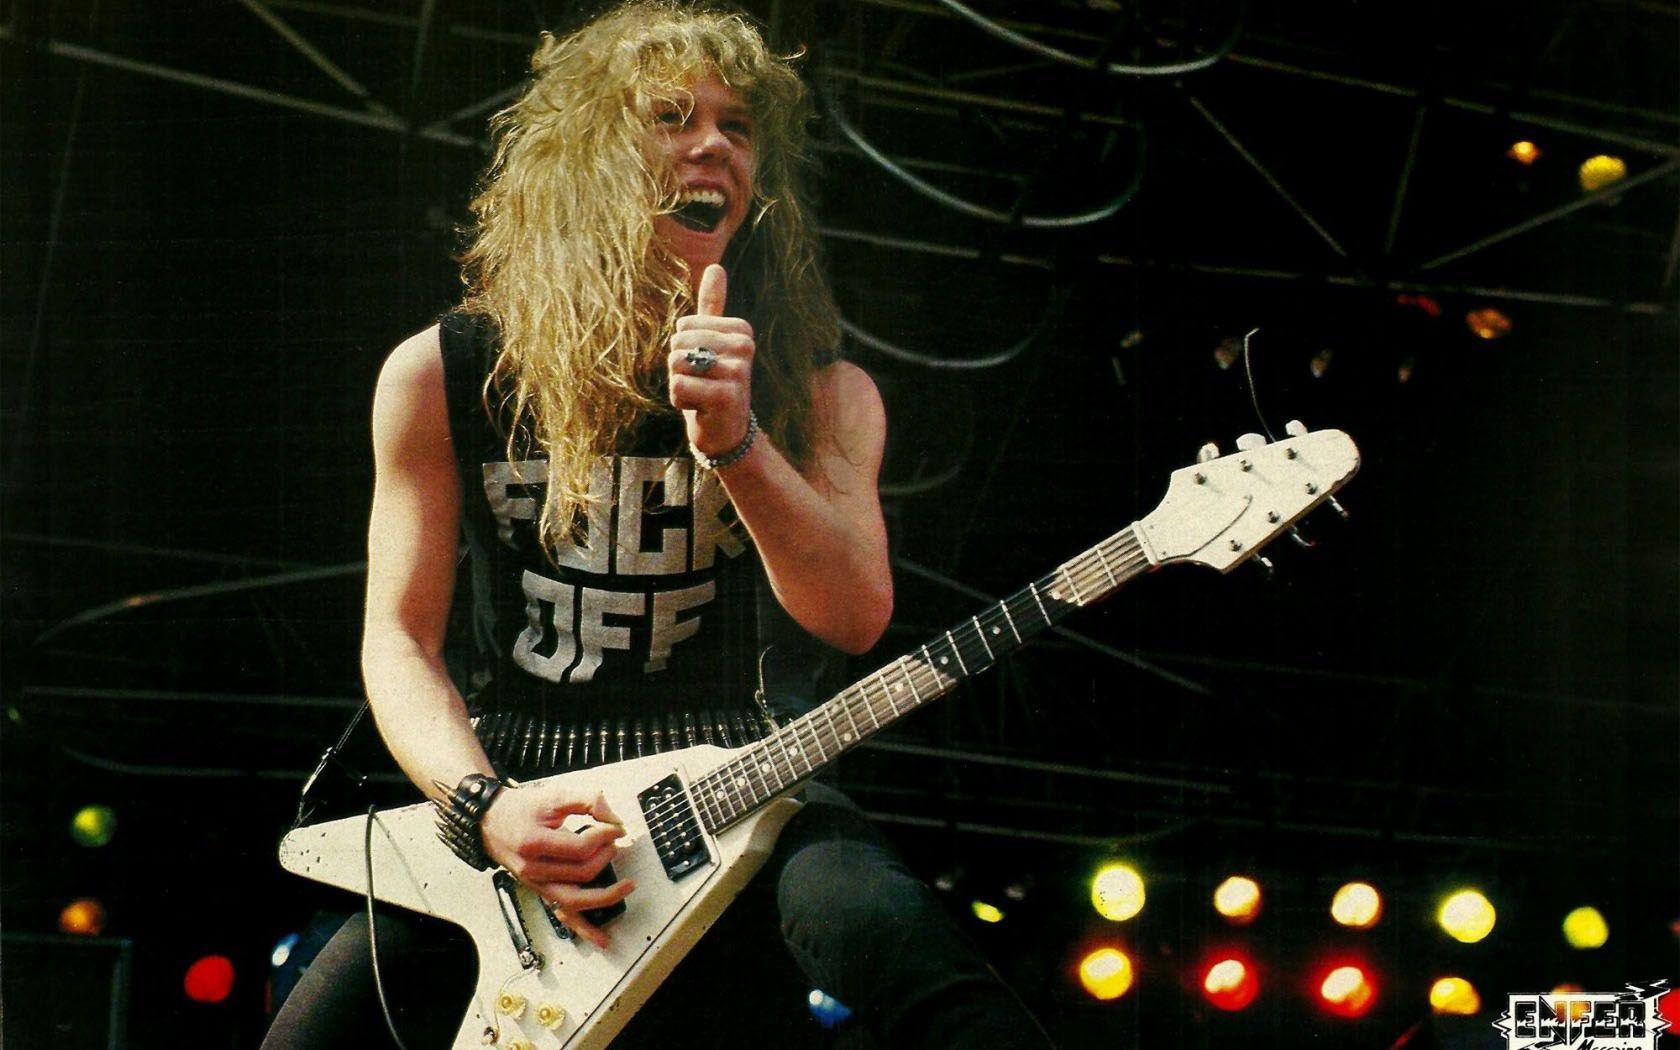 Young James Hetfield Metallica Metallica Live James Hetfield